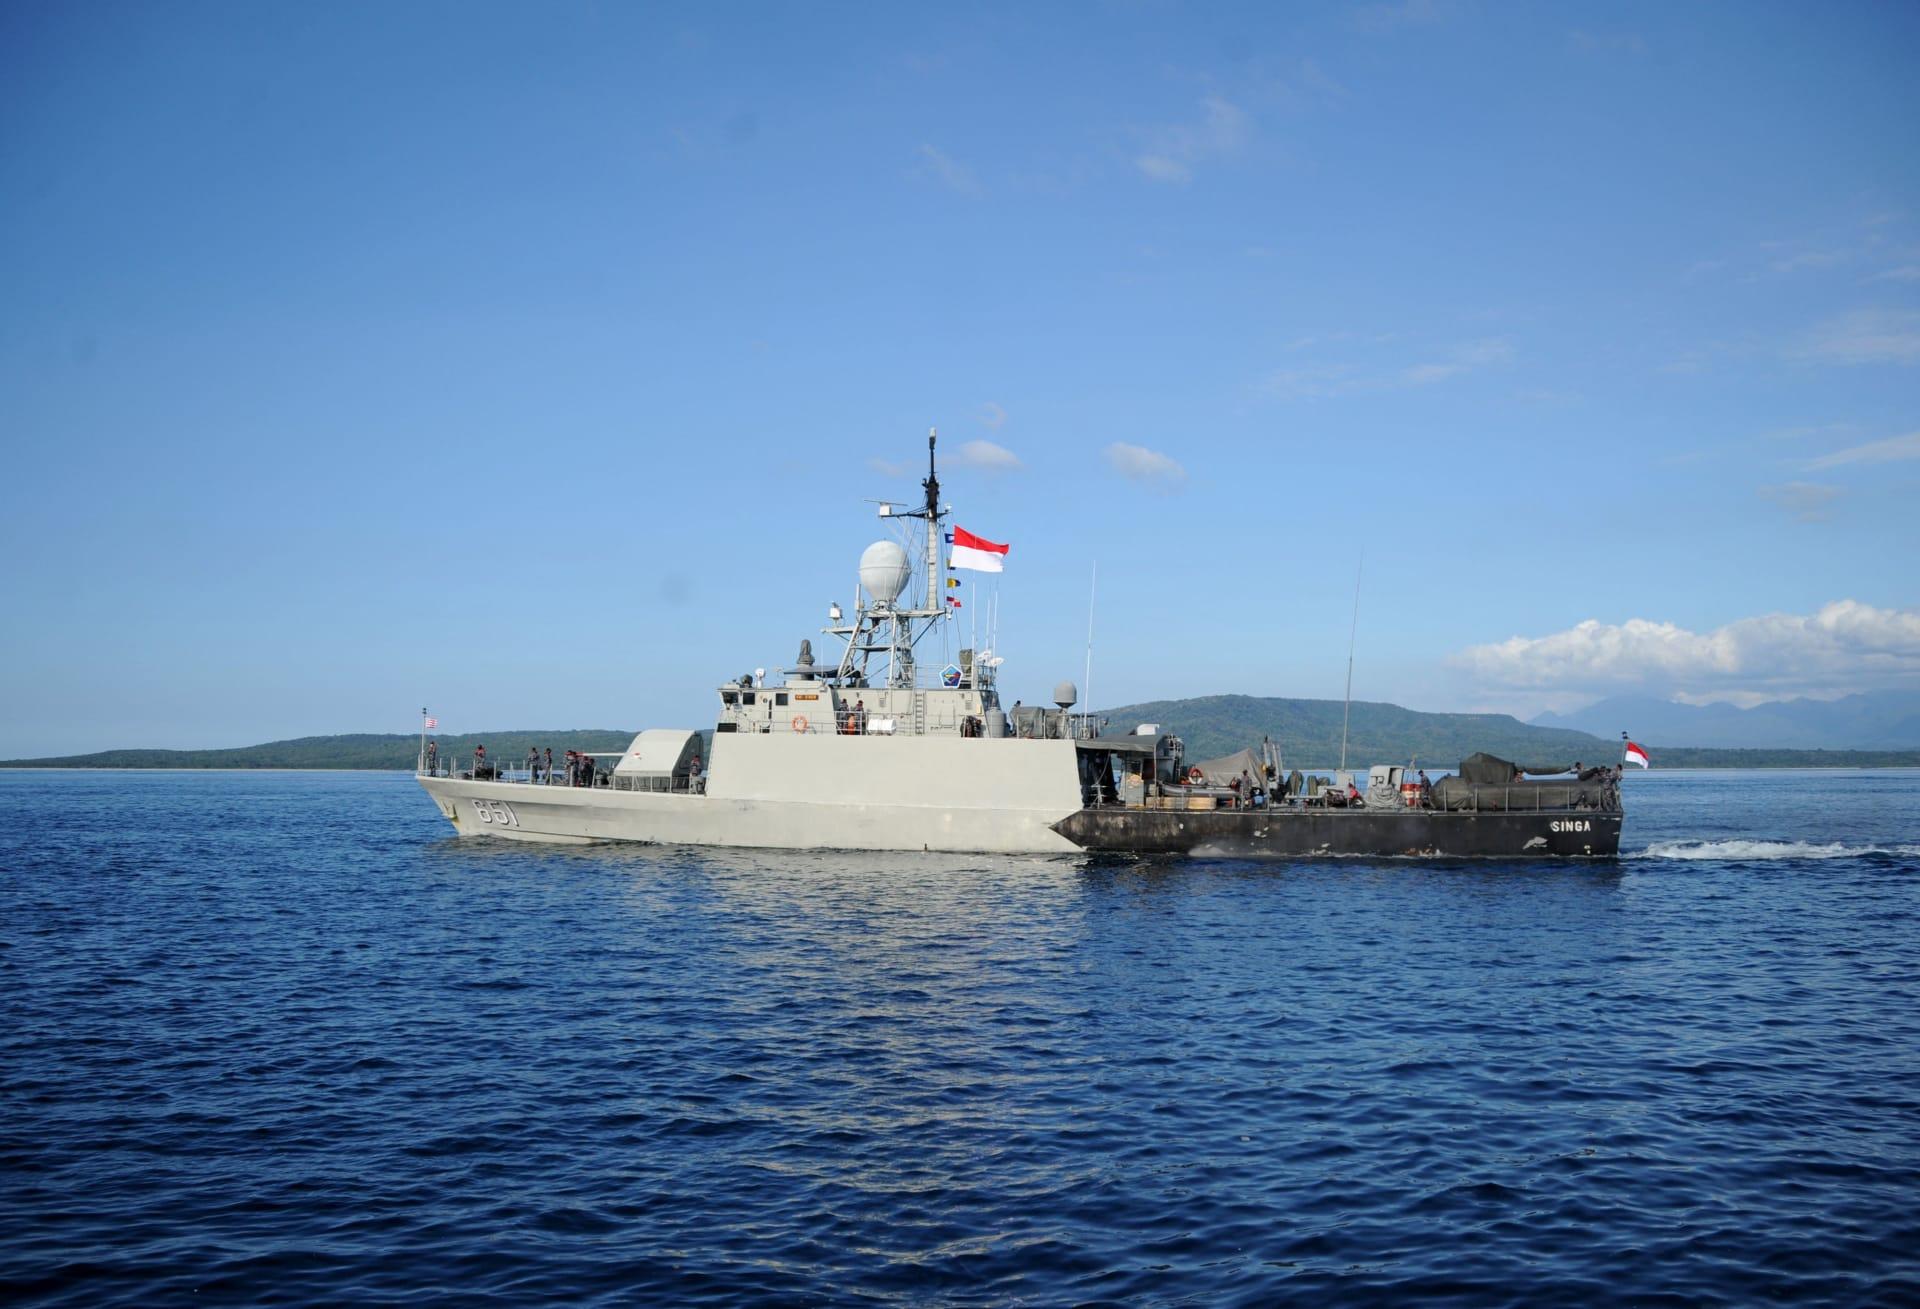 تفاصيل جديدة بشأن حطام الغواصة الإندونيسية.. ماذا كشفت البحرية؟